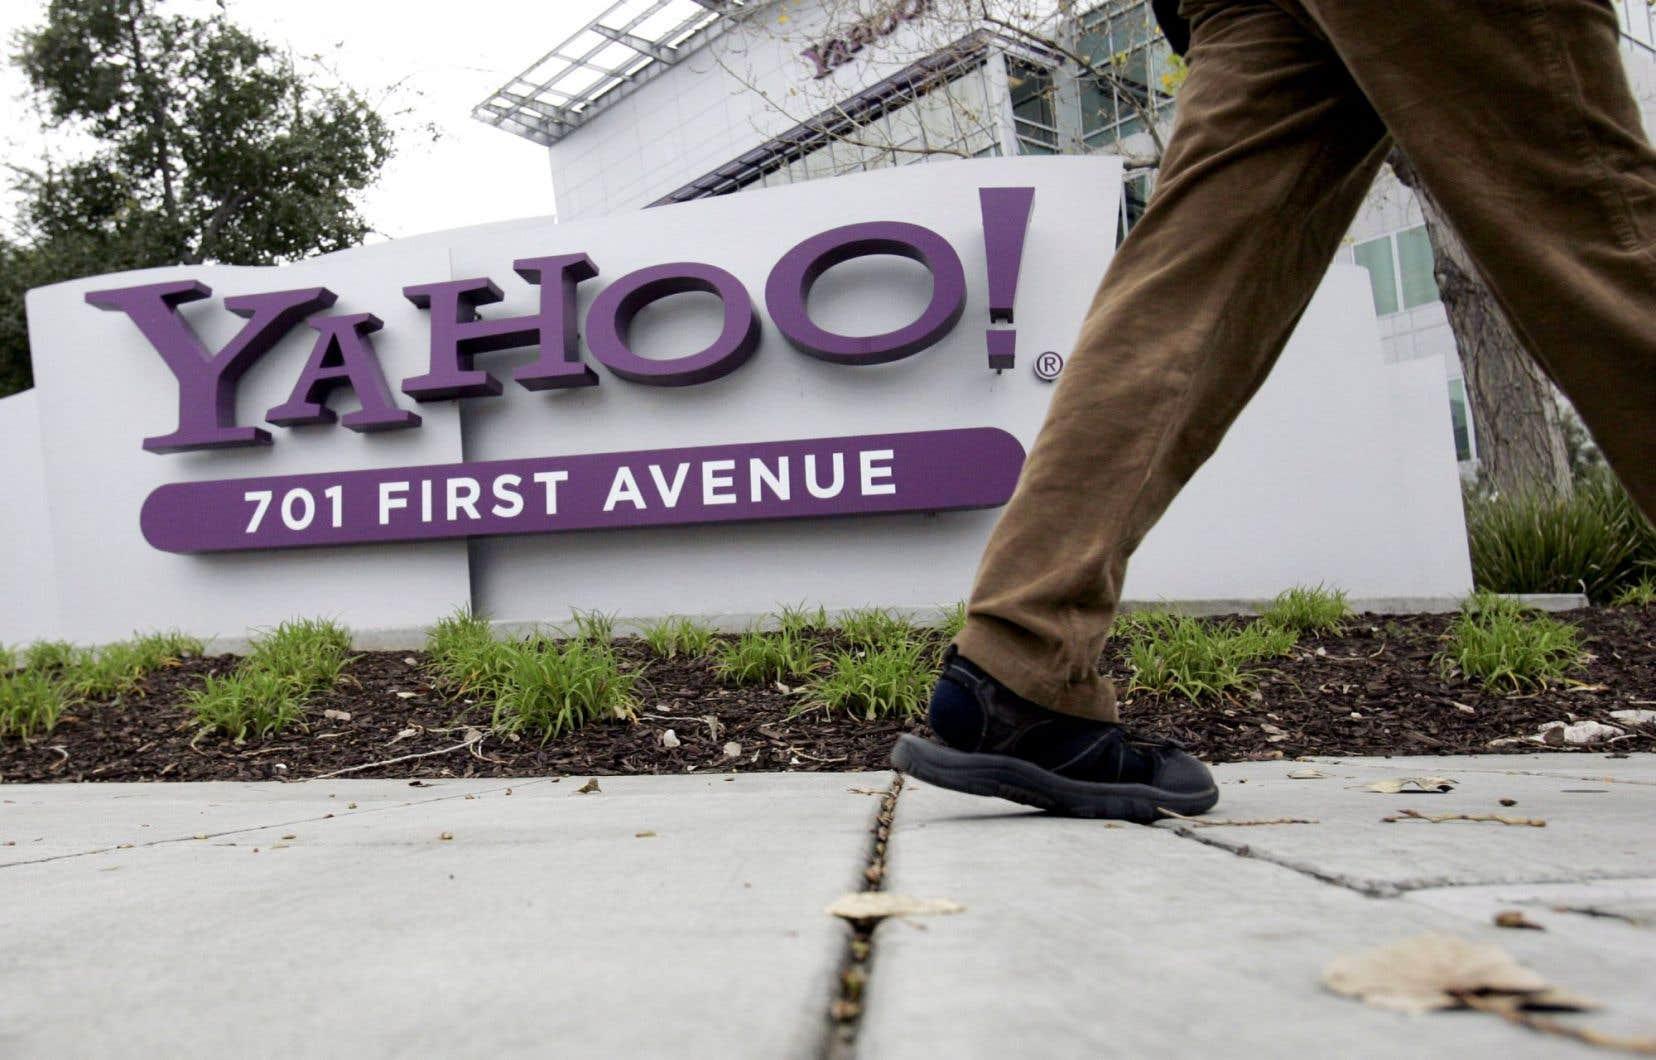 Yahoo! a dû réduire son prix de vente à la suite de la révélation de piratages massifs.